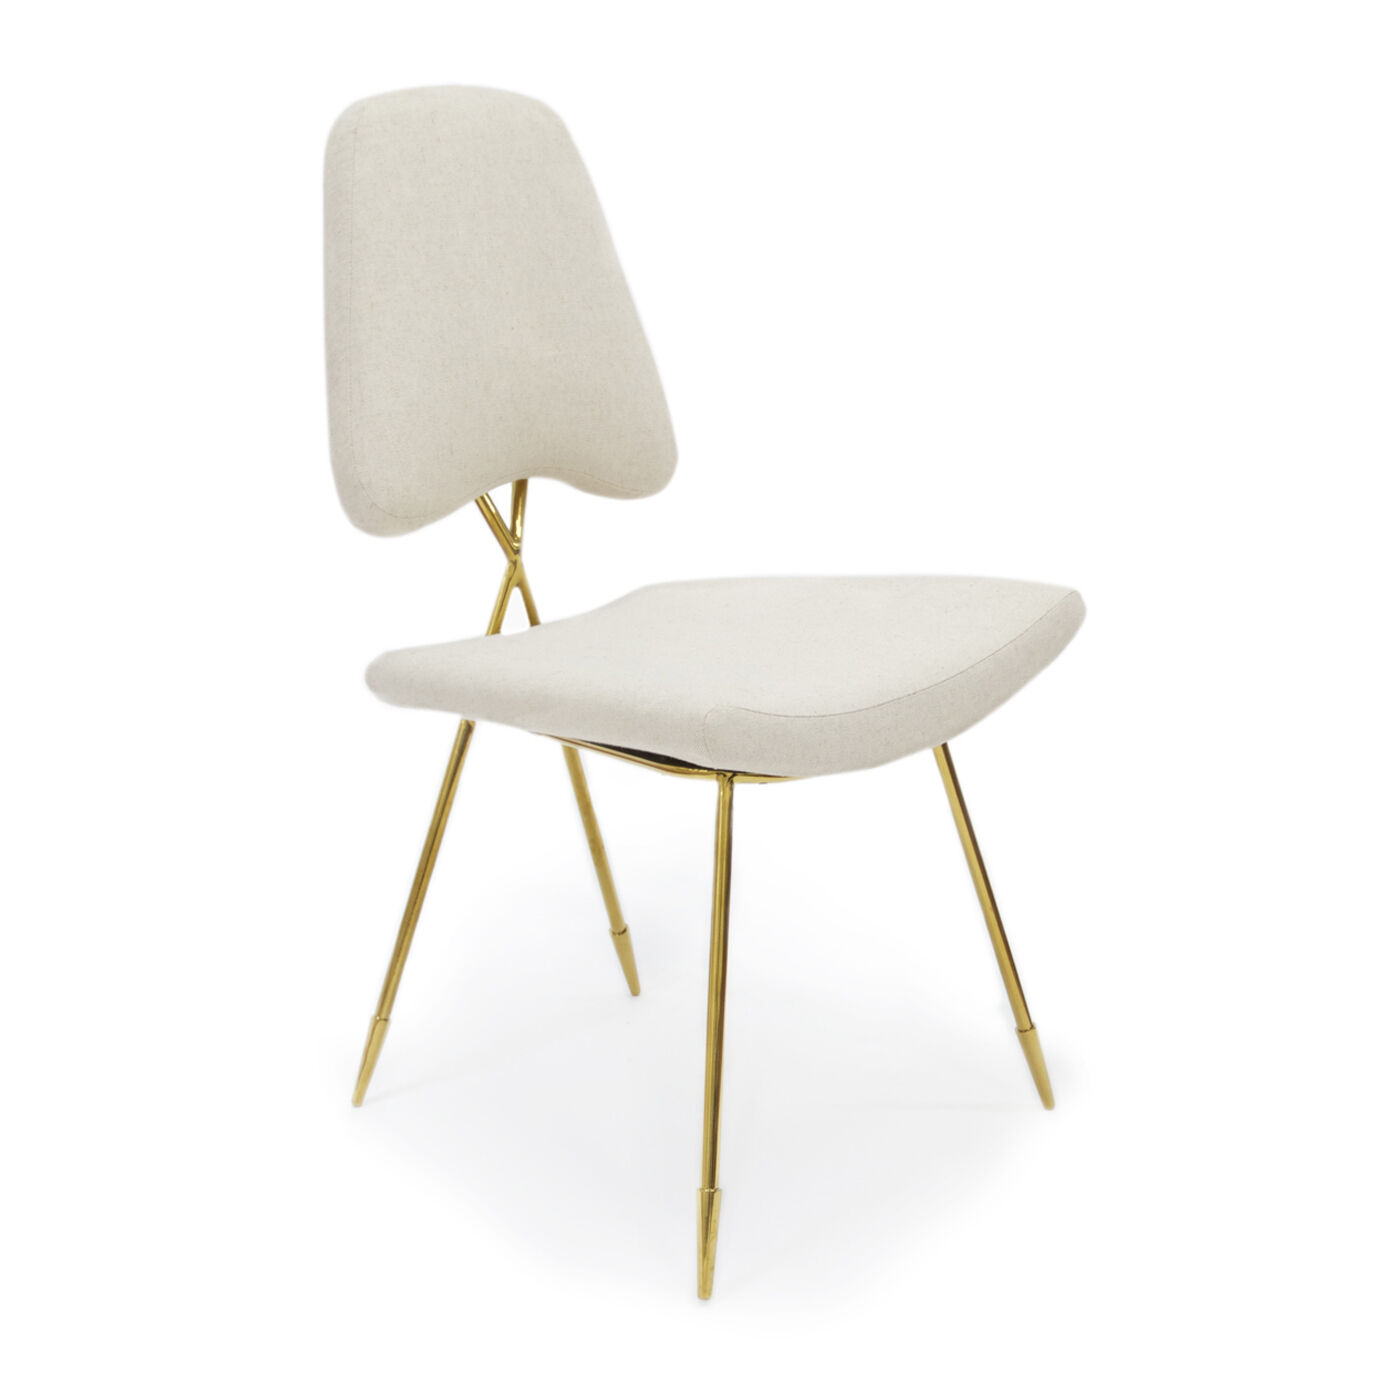 chairs maxime dining chair chairs maxime dining chair